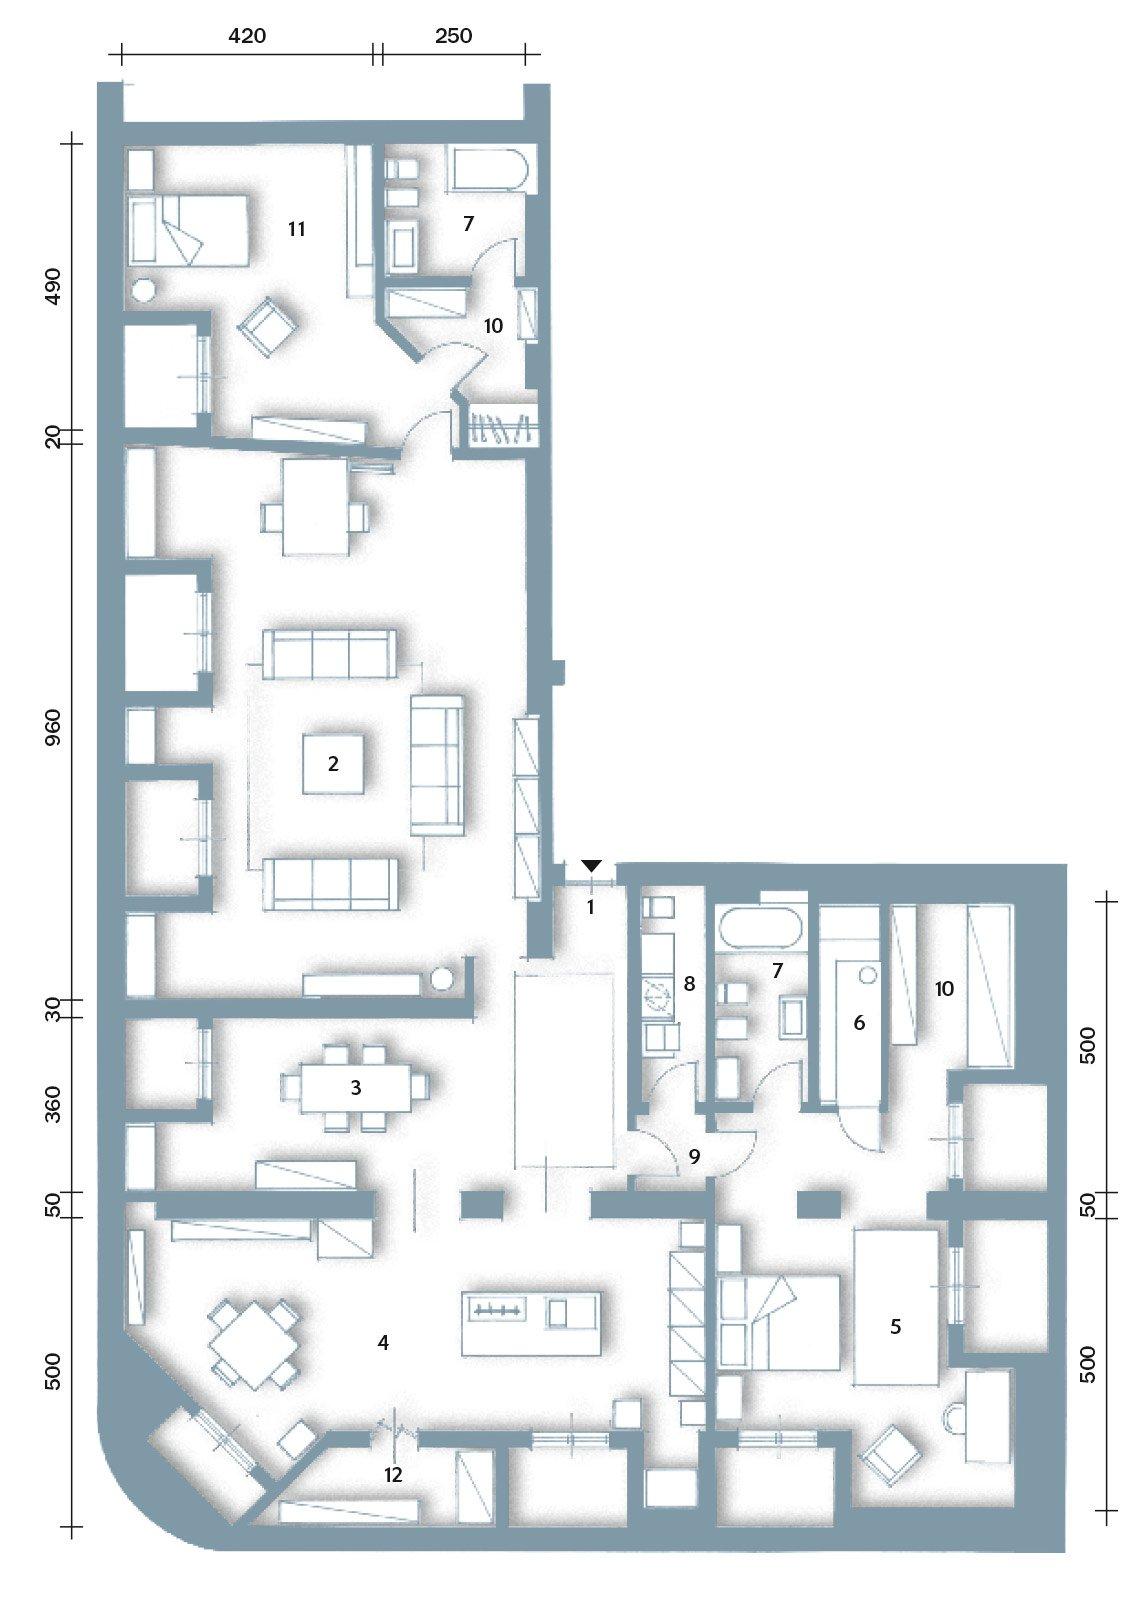 Sottotetto una casa con travi a vista cose di casa for Planimetrie della casetta con seminterrato di sciopero